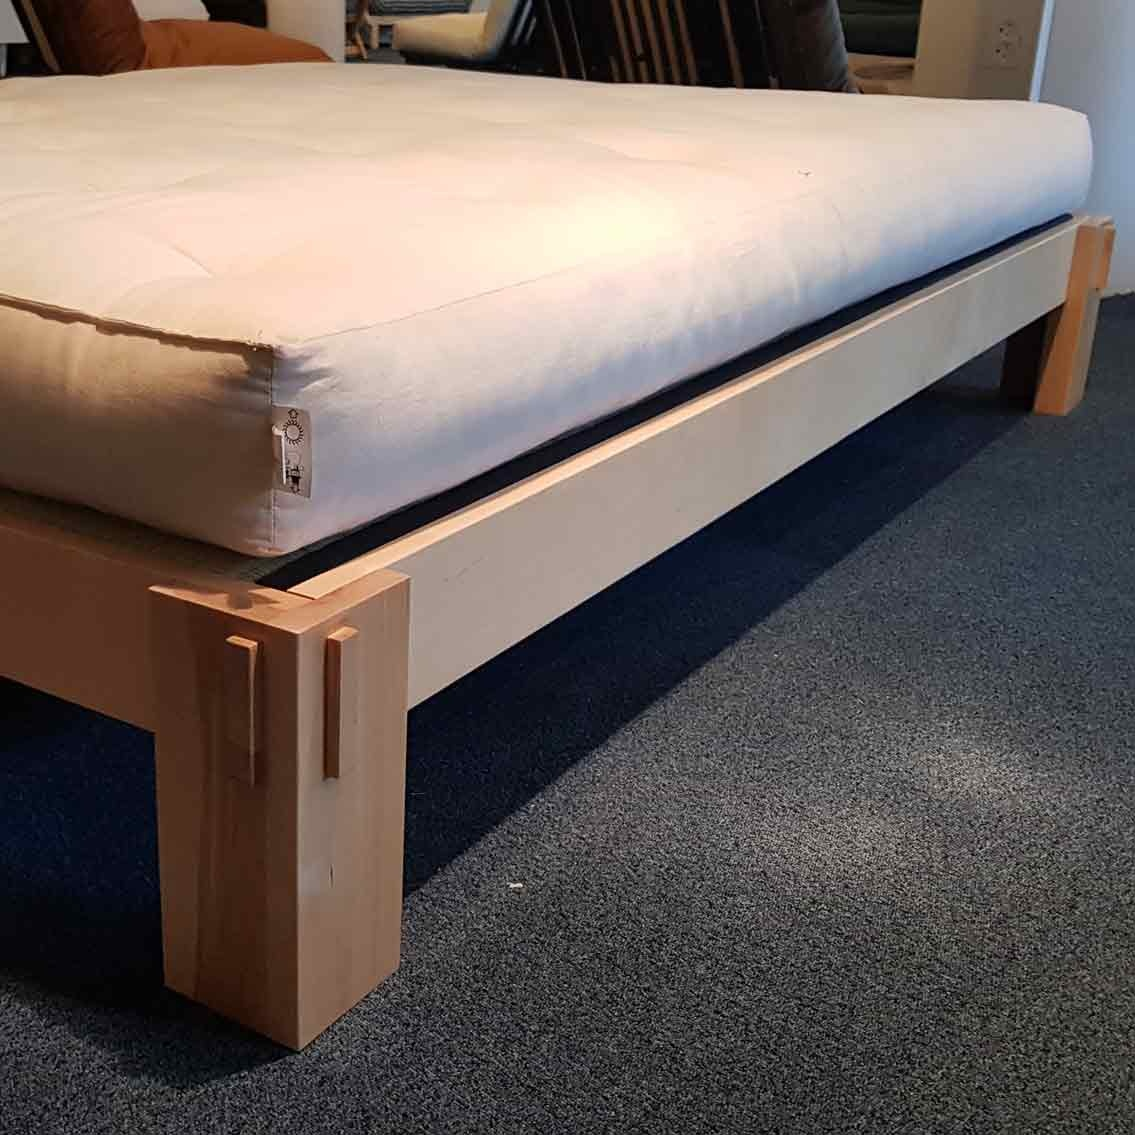 Senge 80x200 - Alt i 80 x 200 cm senge til gode priser